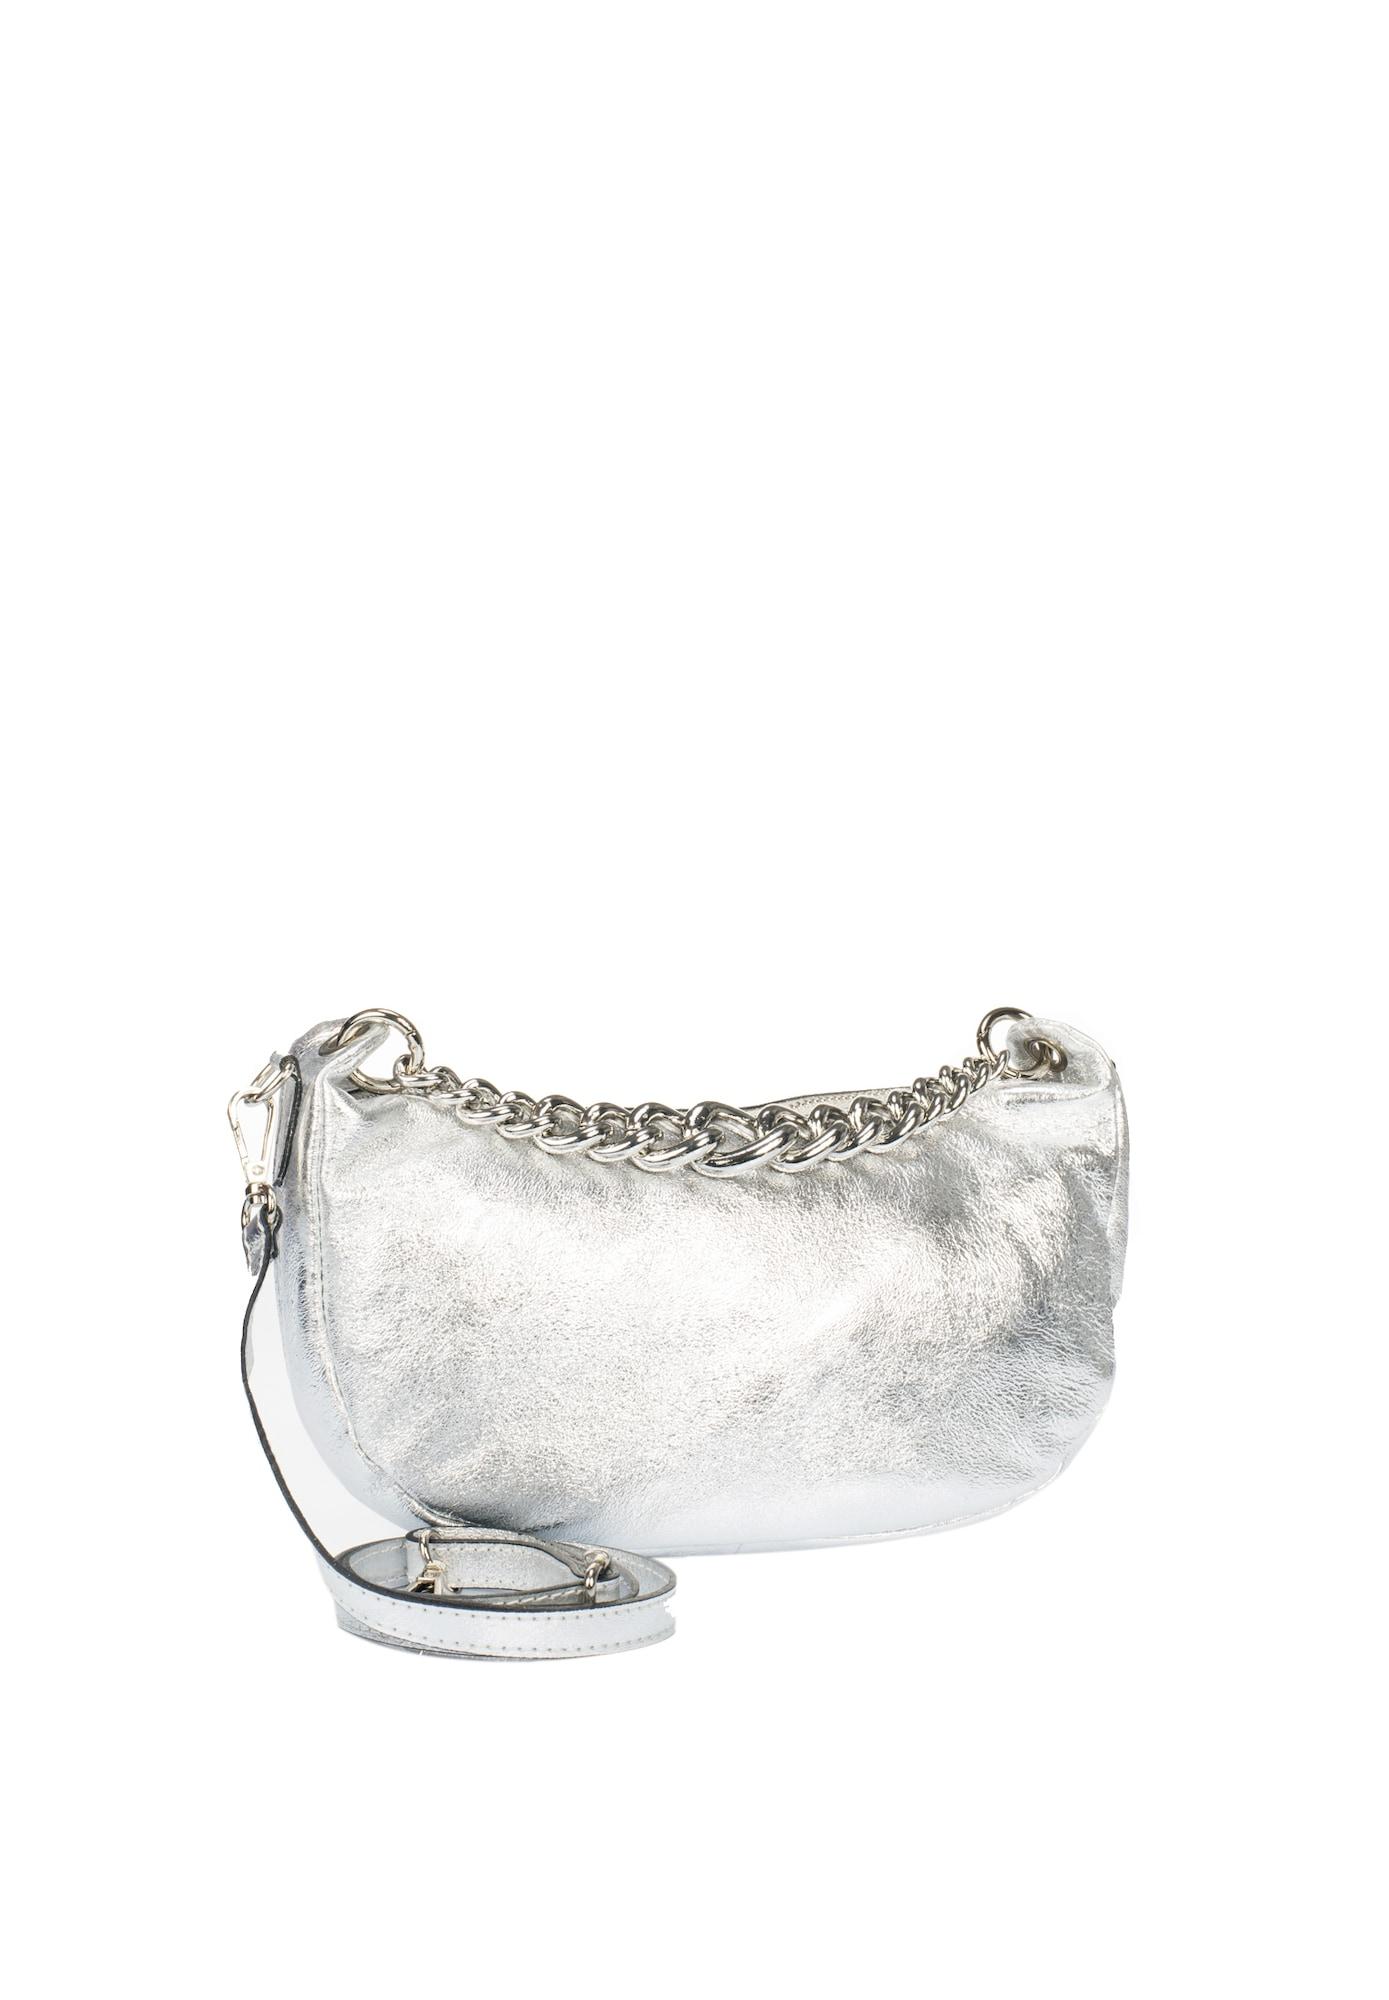 Abendtasche | Taschen > Handtaschen > Abendtaschen | Silber | RISA